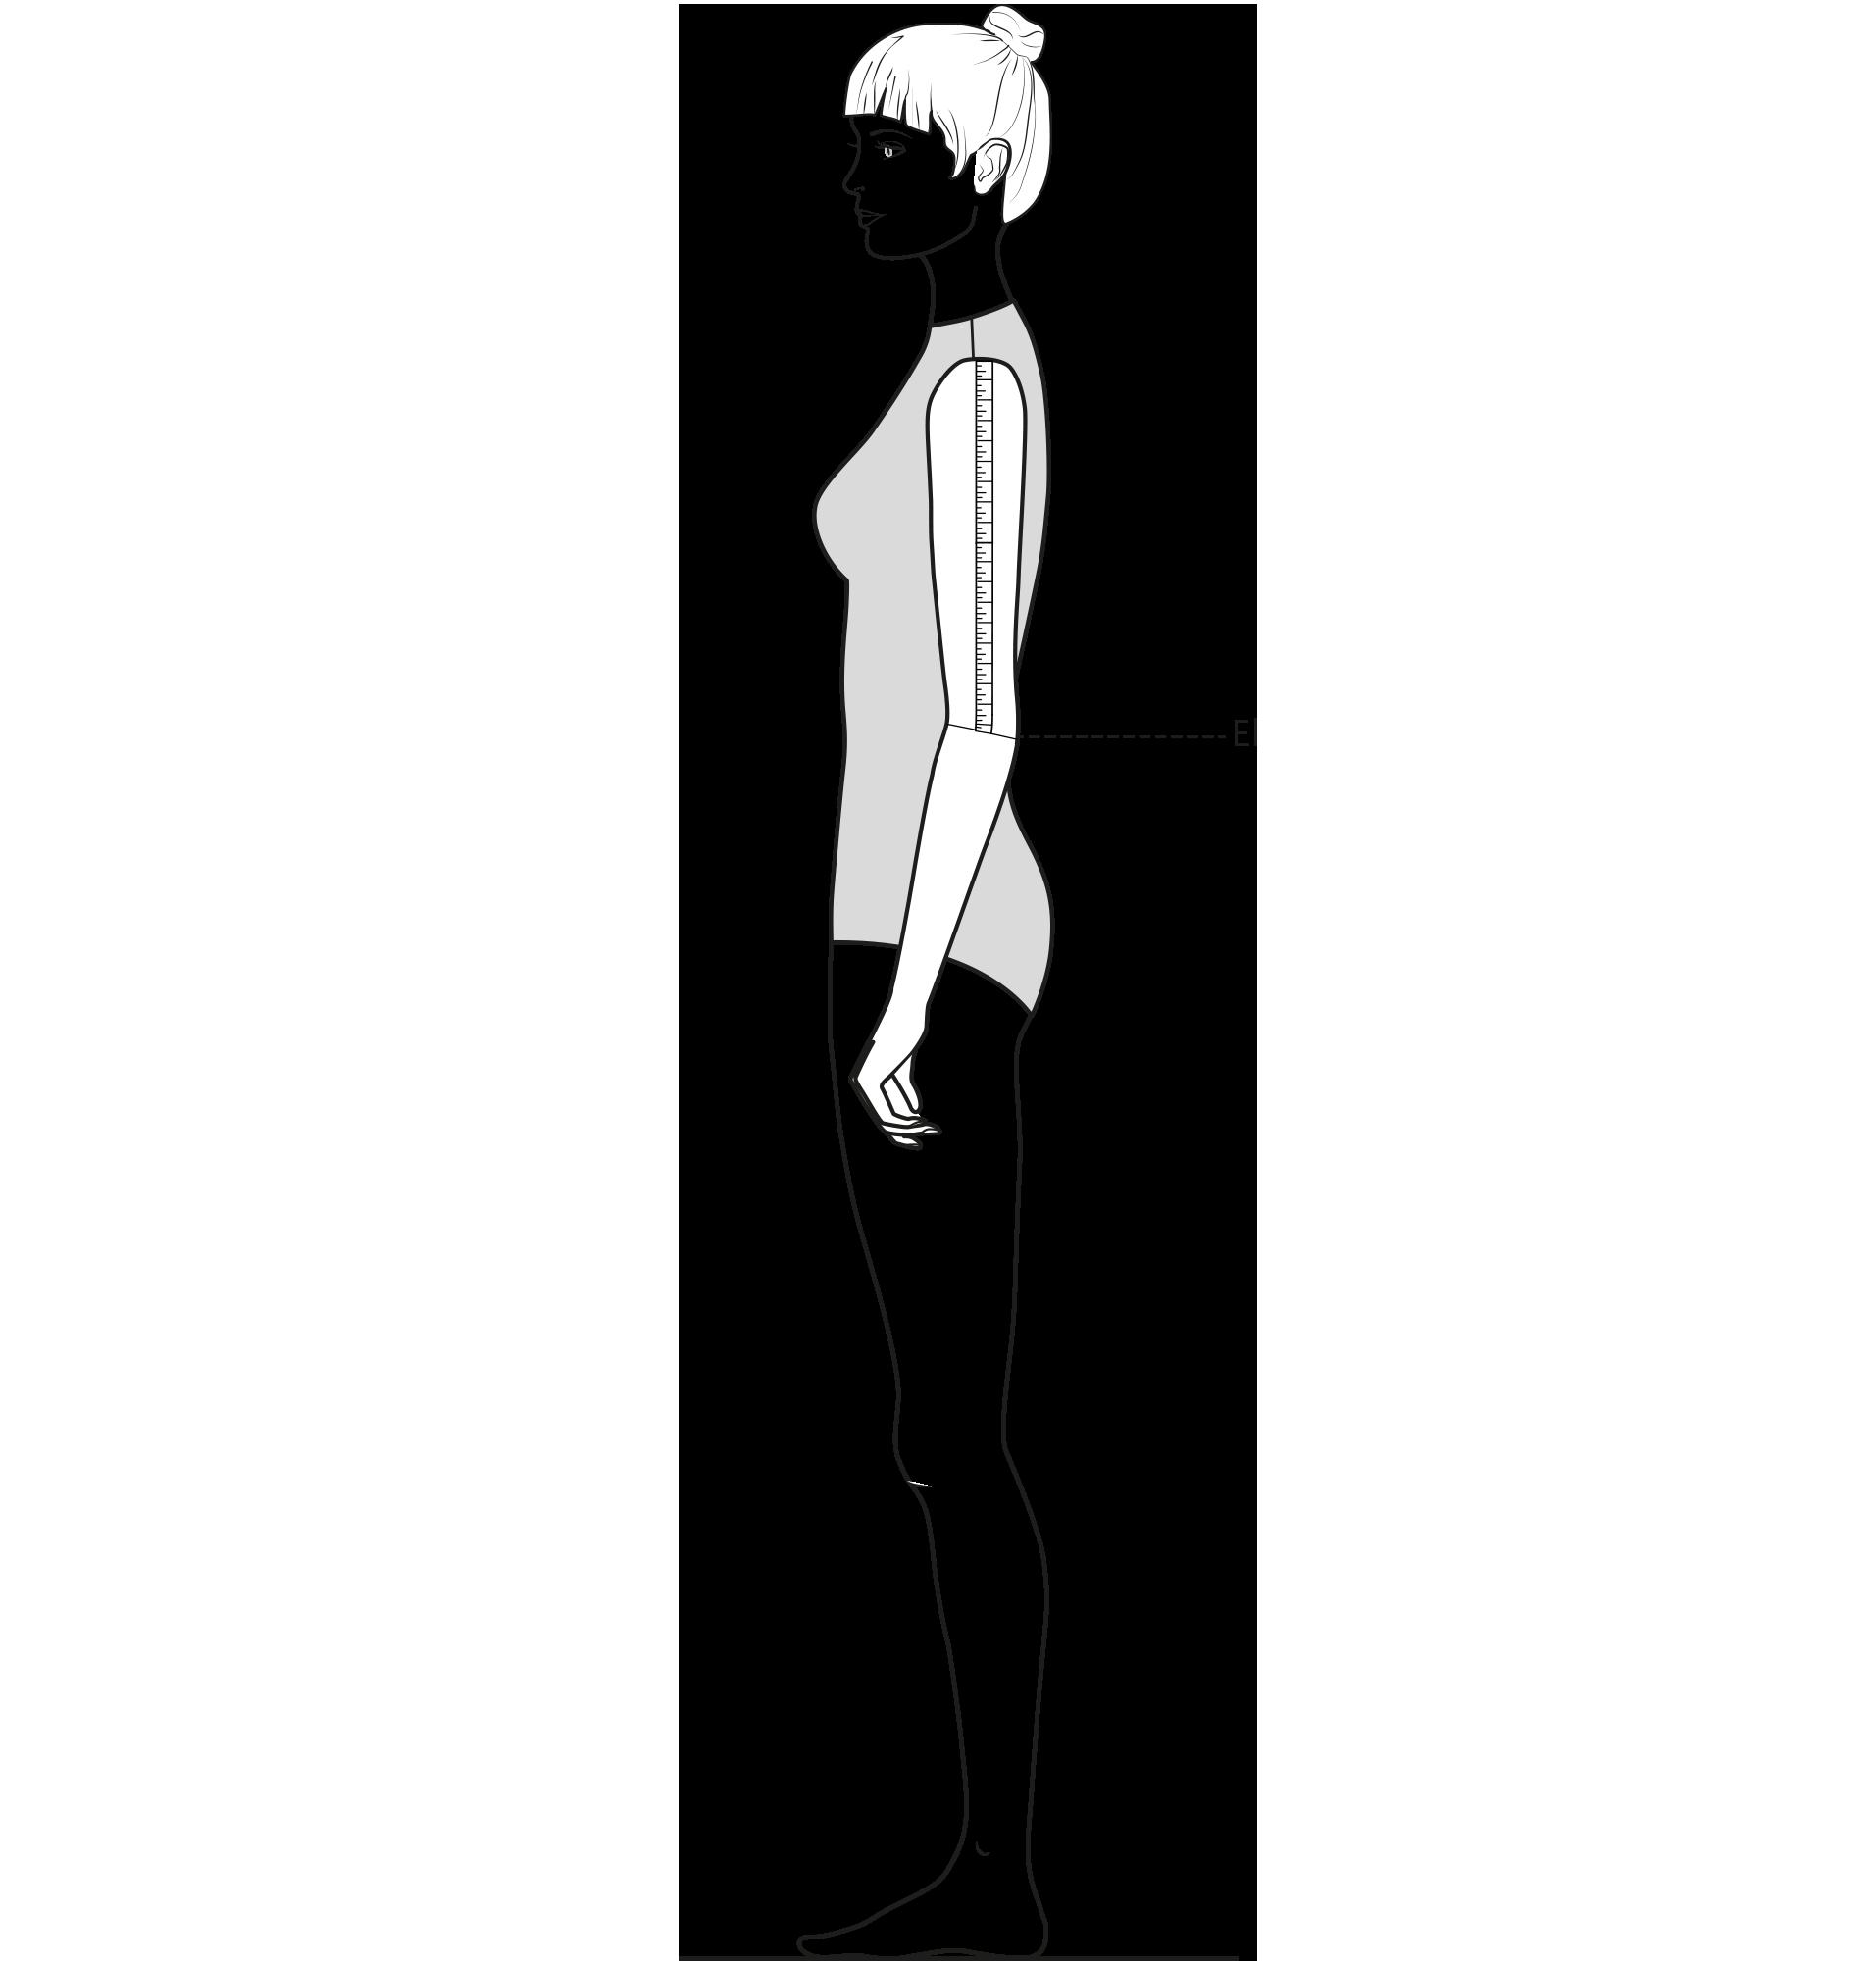 Diese Zeichnung zeigt das Messen der Ellenbogenlänge.